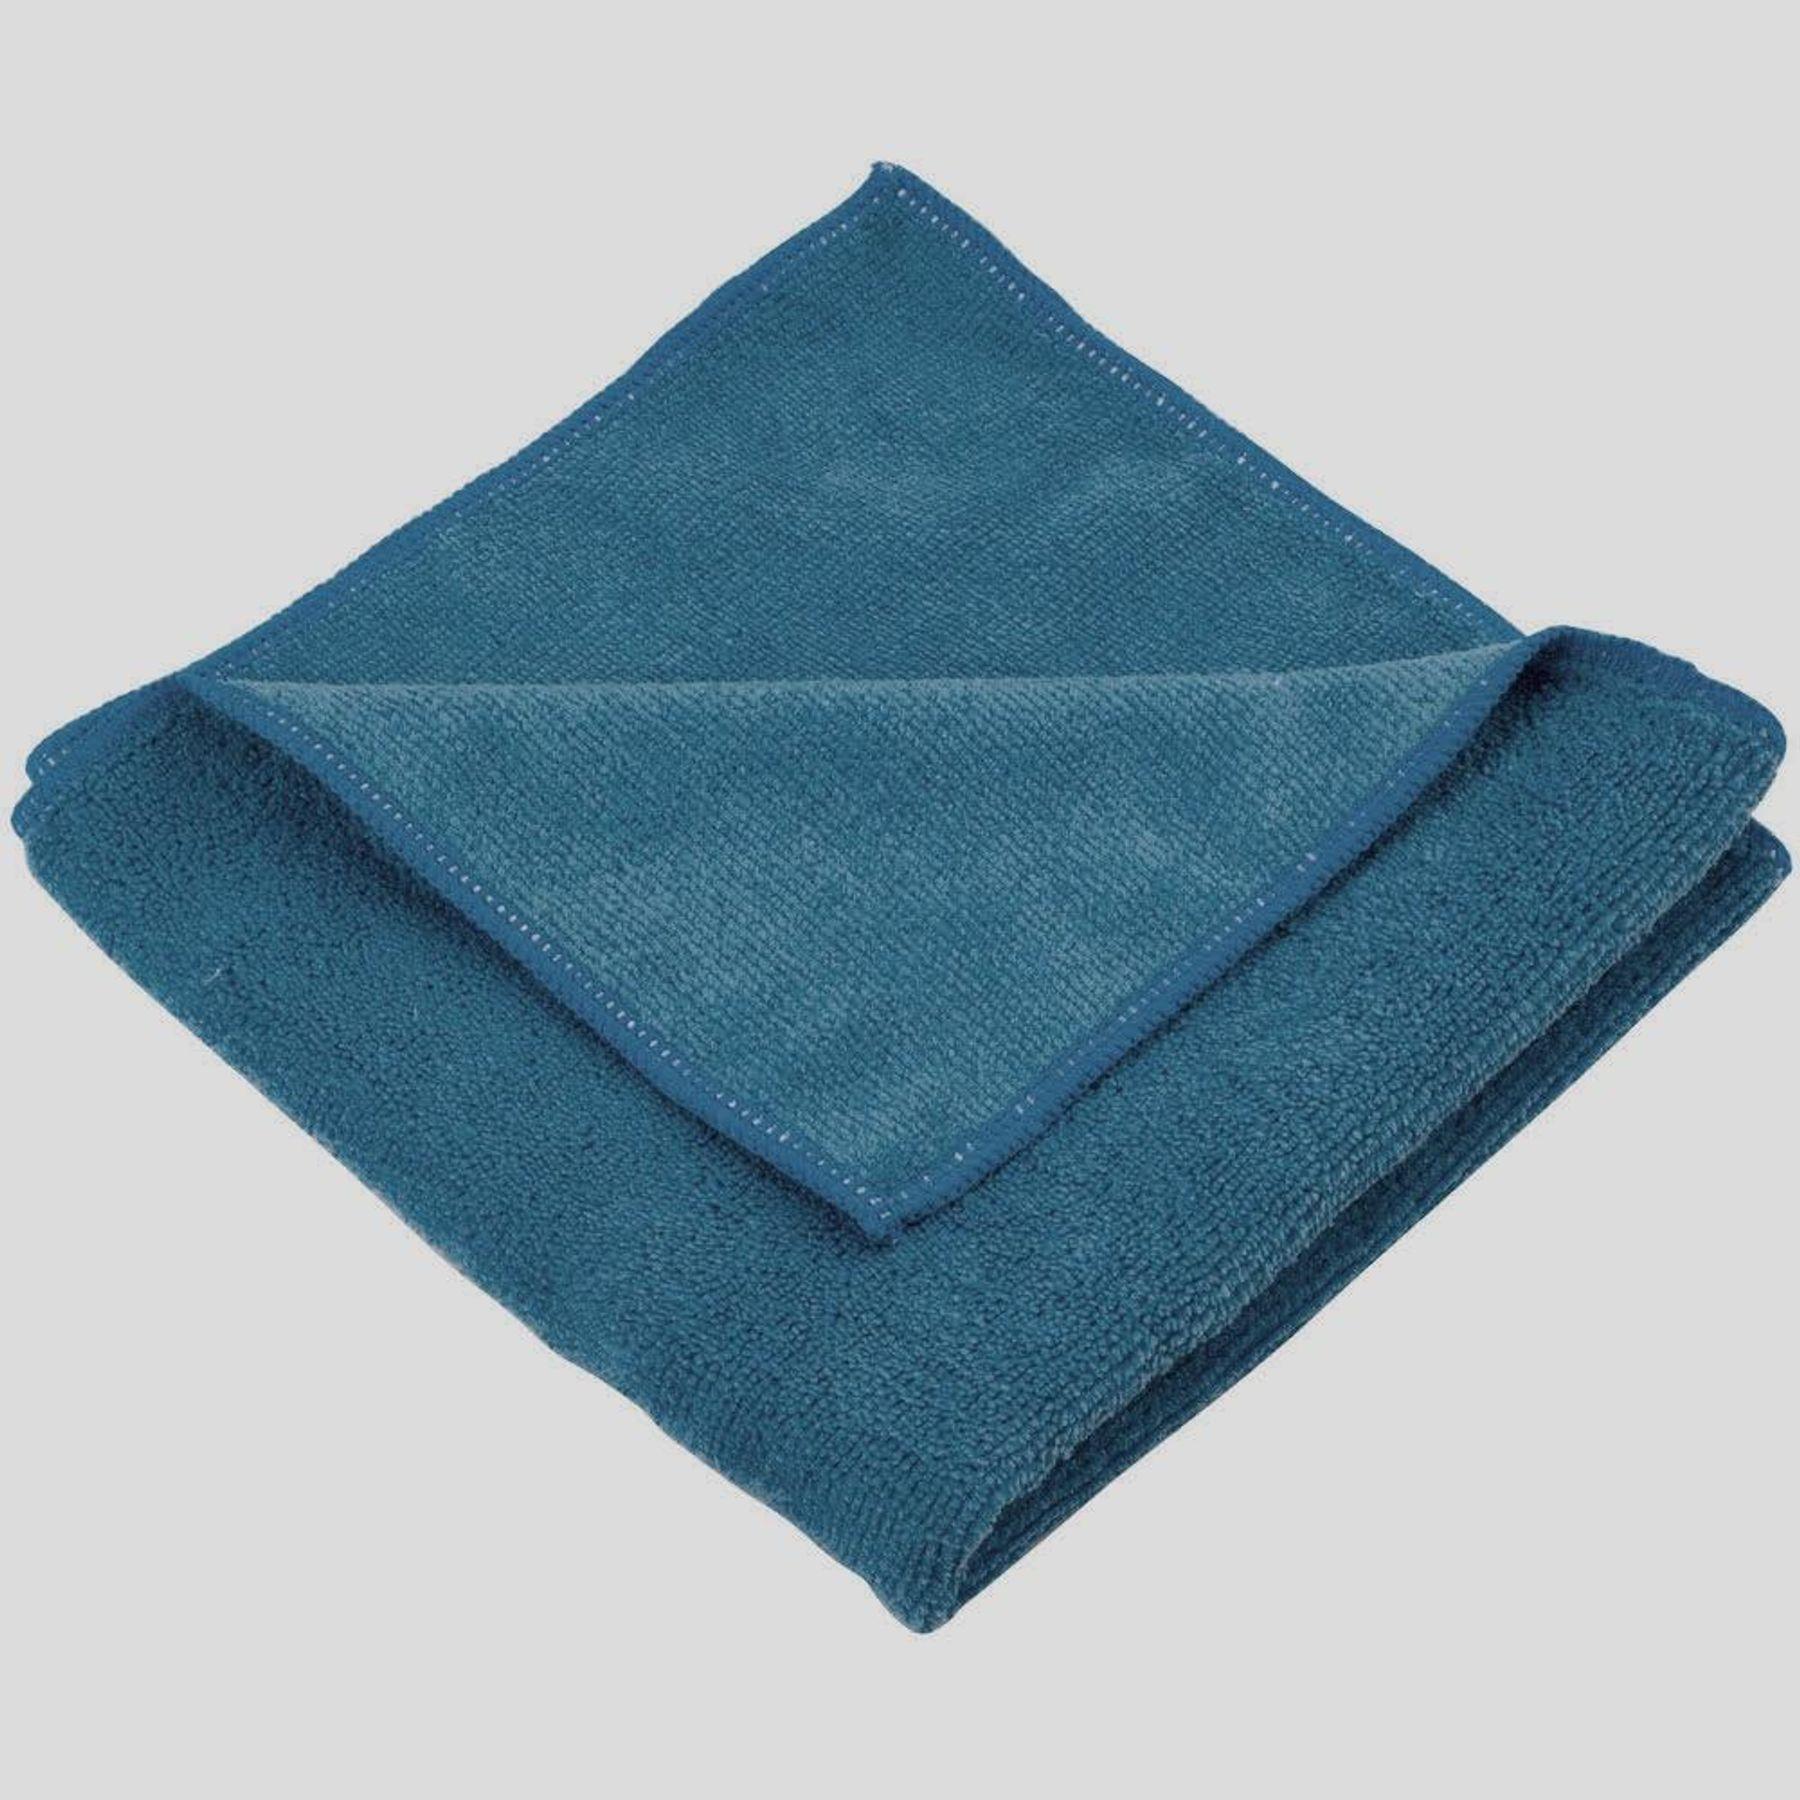 làm sáng bạc với khăn lau mềm